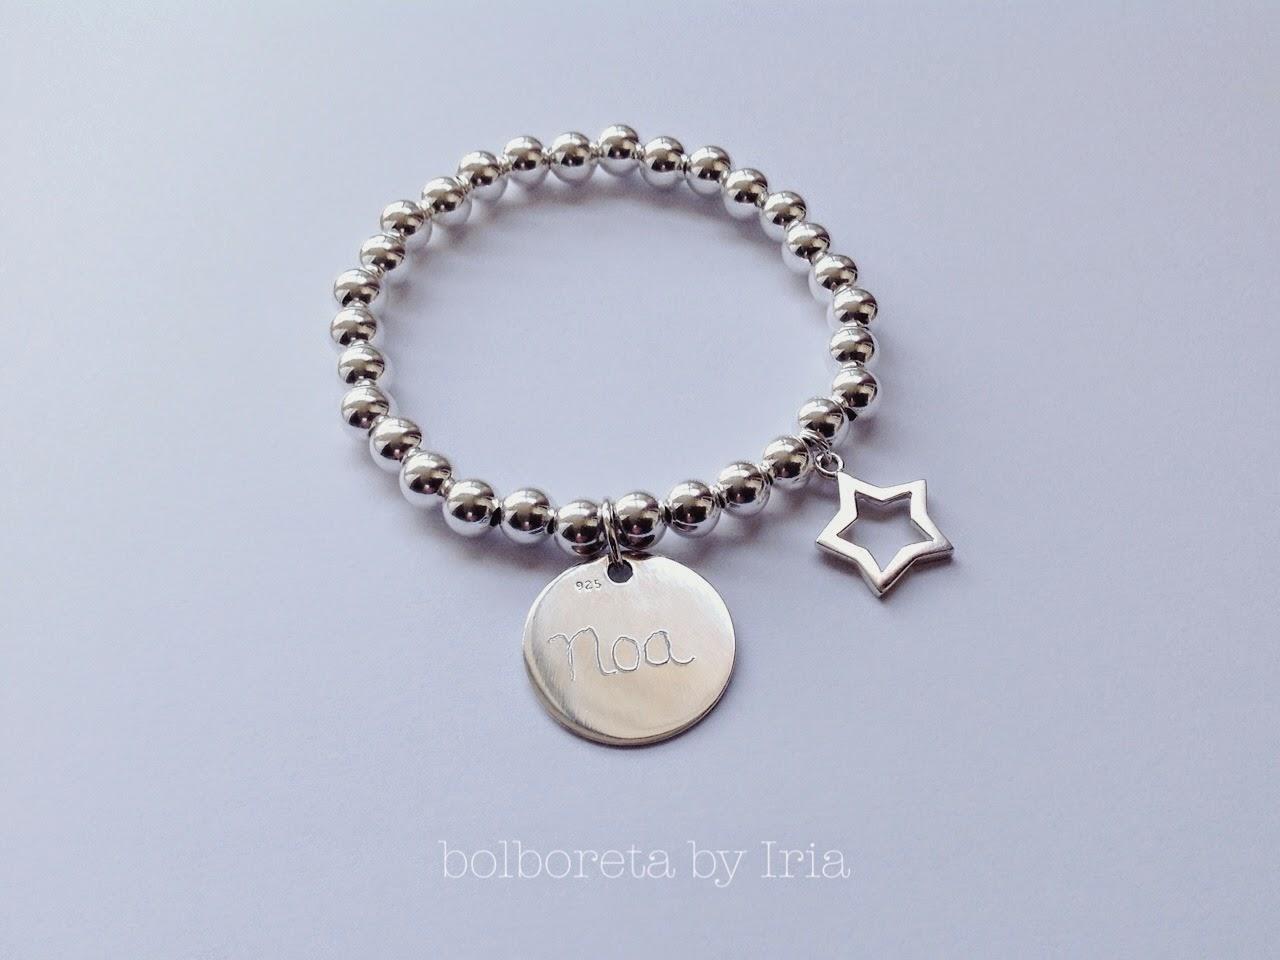 a7e68fb54569 Bolboreta by Iria (complementos)  Pulsera de bolas de plata